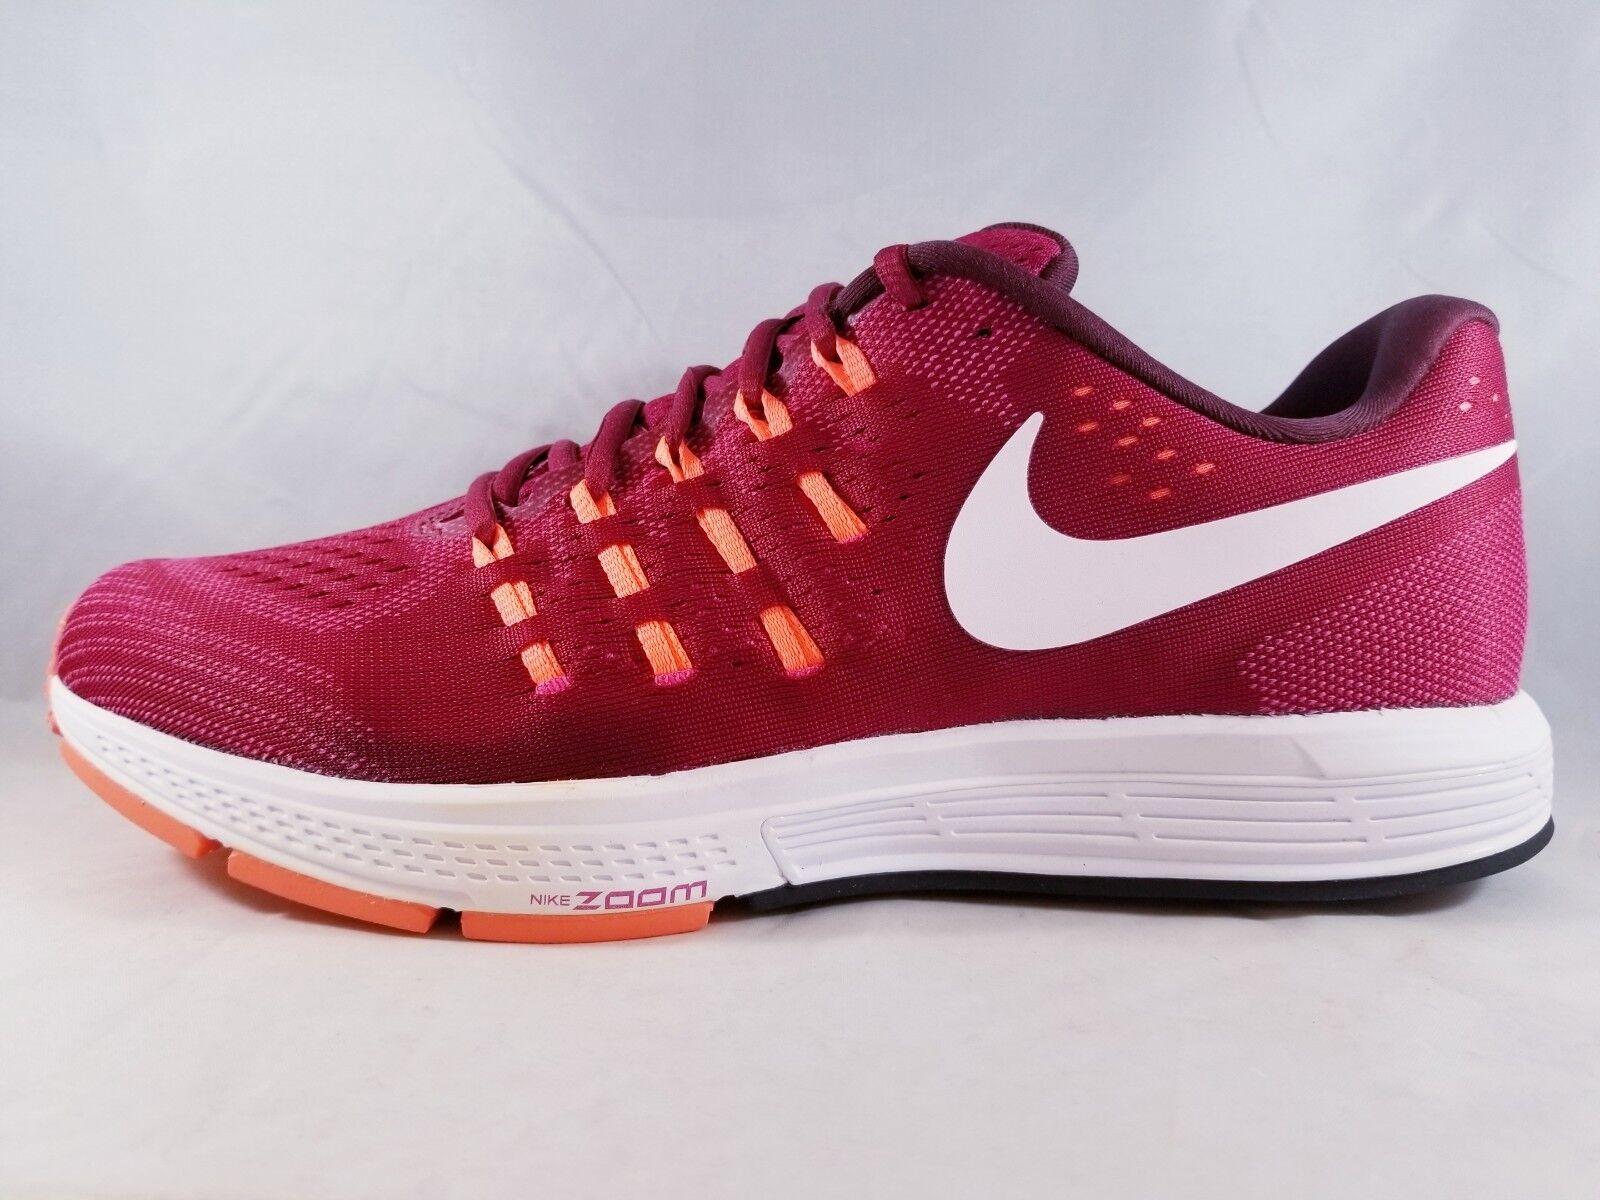 Nike air zoom vomero 11 le scarpe da corsa 818100 601 46